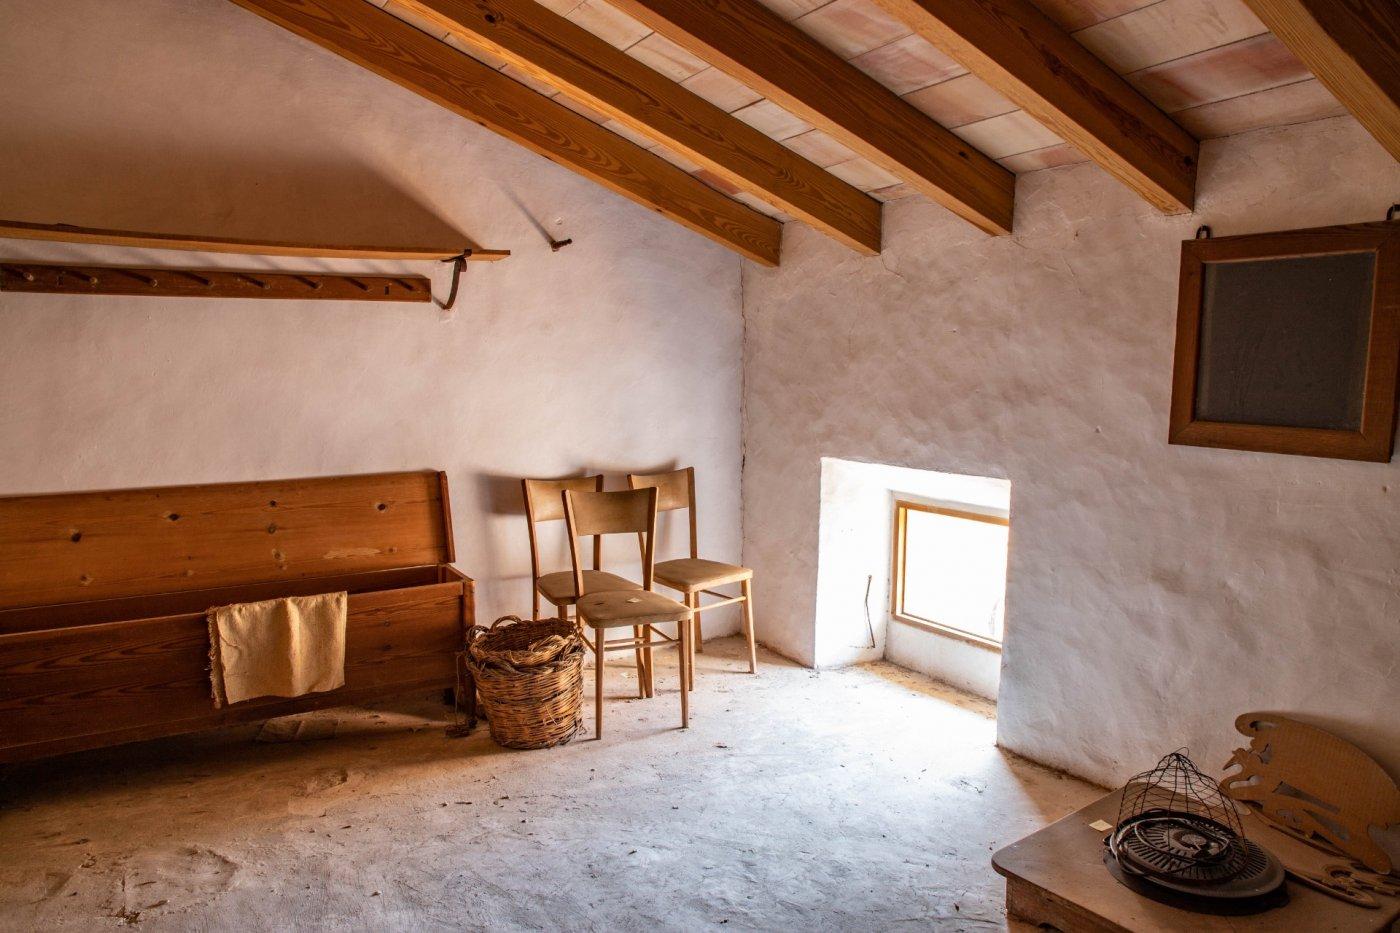 En venta excelente casa en el centro de pollensa - imagenInmueble32